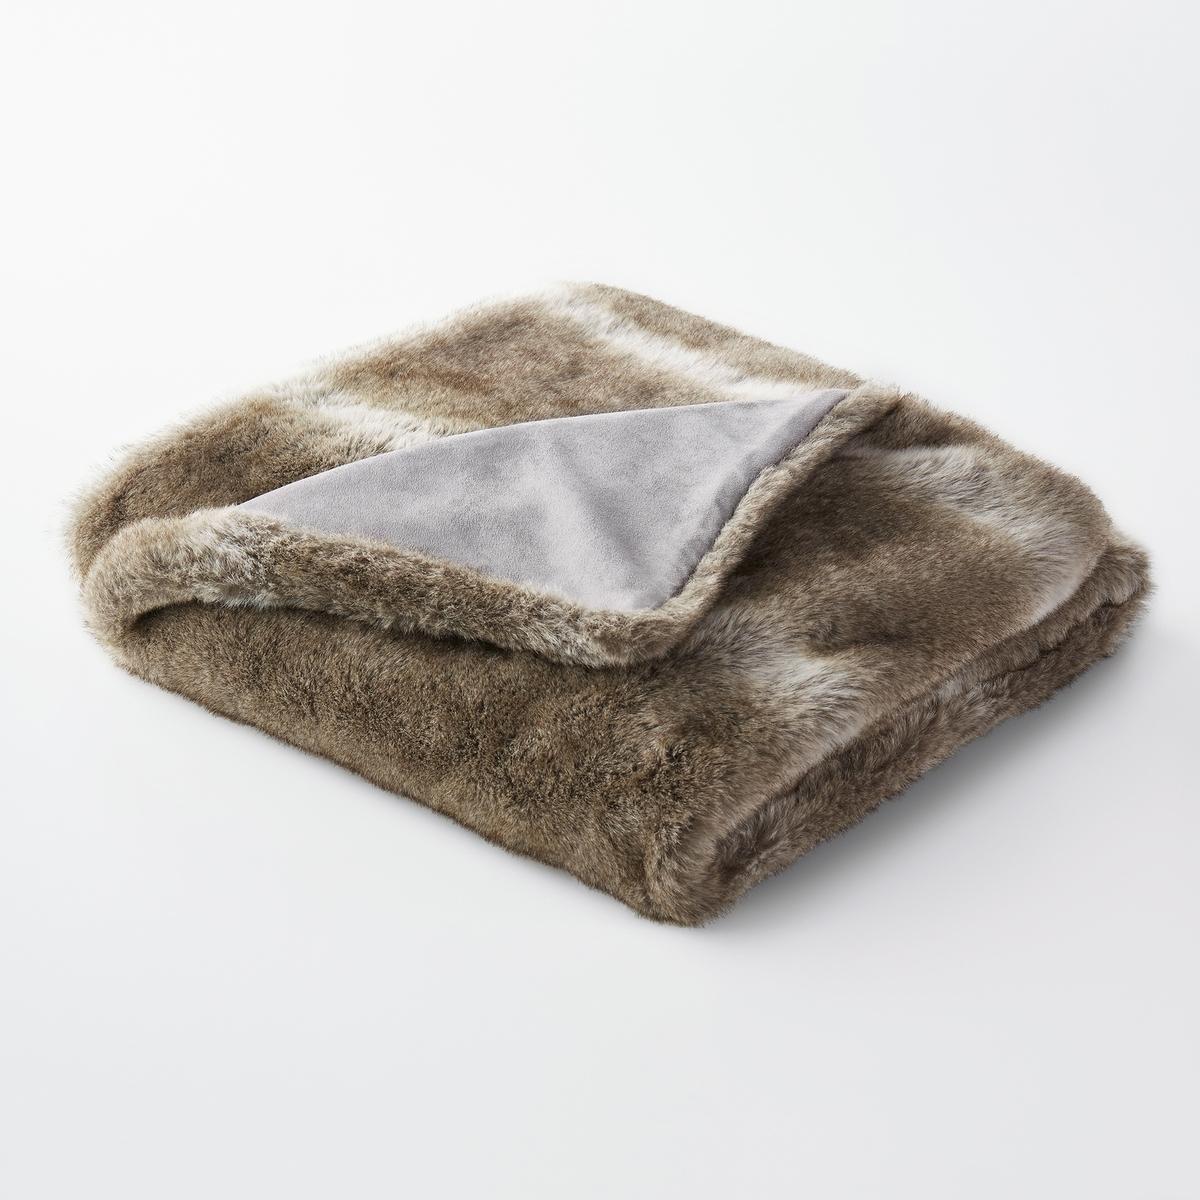 Плед меховой BAZSOХарактеристики мехового пледа:Изумительная имитация волчьего меха!1 меховая сторона: 80% акрила, 20% полиэстера, 1 сторона из искусственной замши: 100% полиэстер.Машинная стирка при 40 °С.Размеры мехового пледа:150 x 150 см.Сертификат Oeko-Tex® дает гарантию того, что товары изготовлены без применения химических средств и не представляют опасности для здоровья человека.<br><br>Цвет: белый,темно-серый<br>Размер: 150 x 150  см